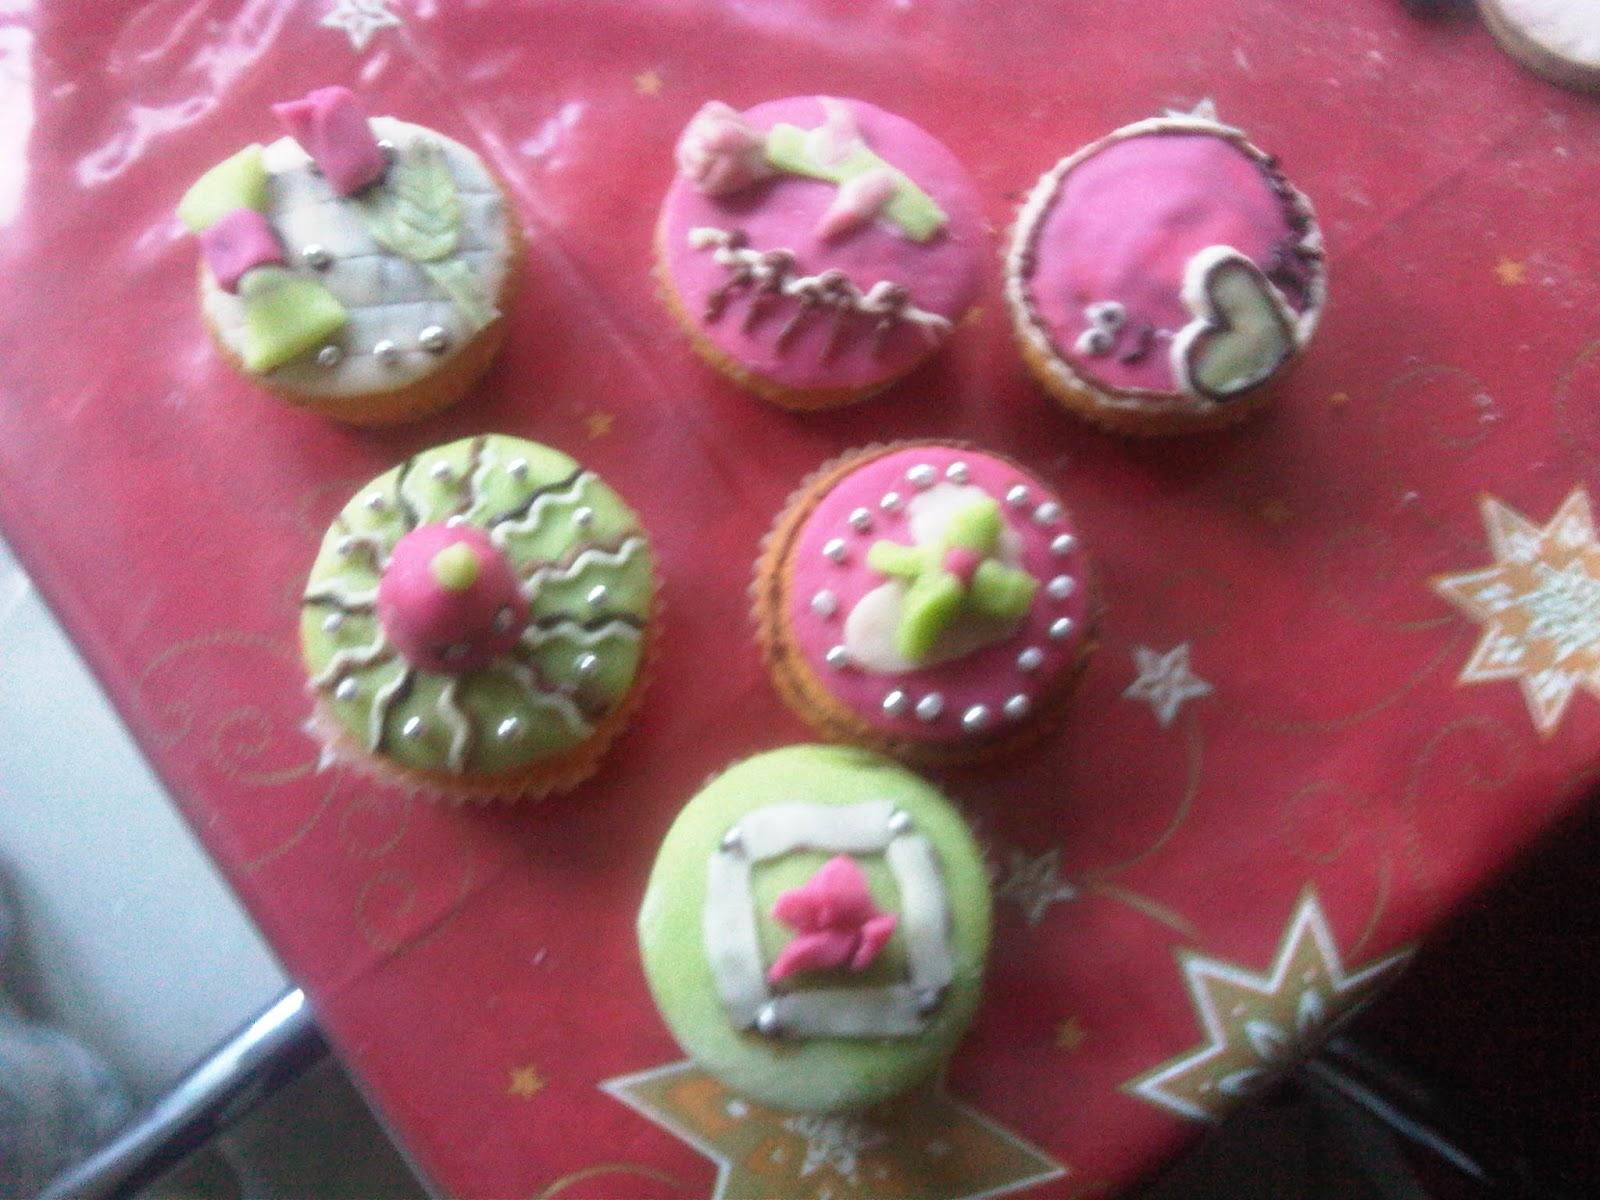 Welcome in my world cupcake 39 s versieren - Versieren haar badkamer ...